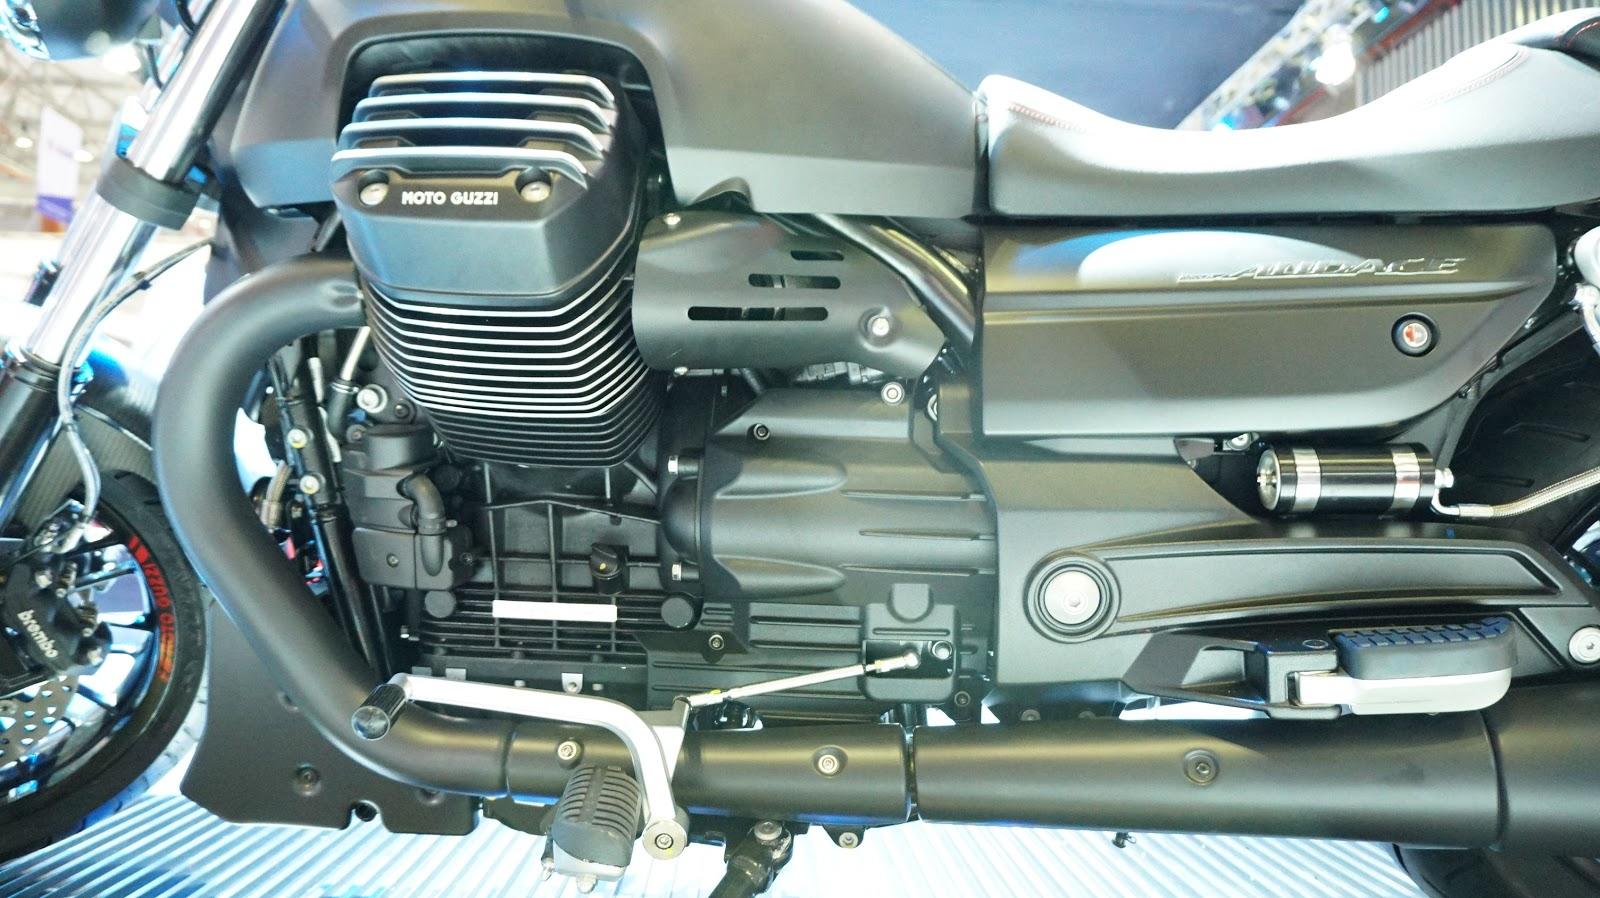 Khối động cơ 1380 cc, công suất gần 100 mã lực, quá mạnh mẽ